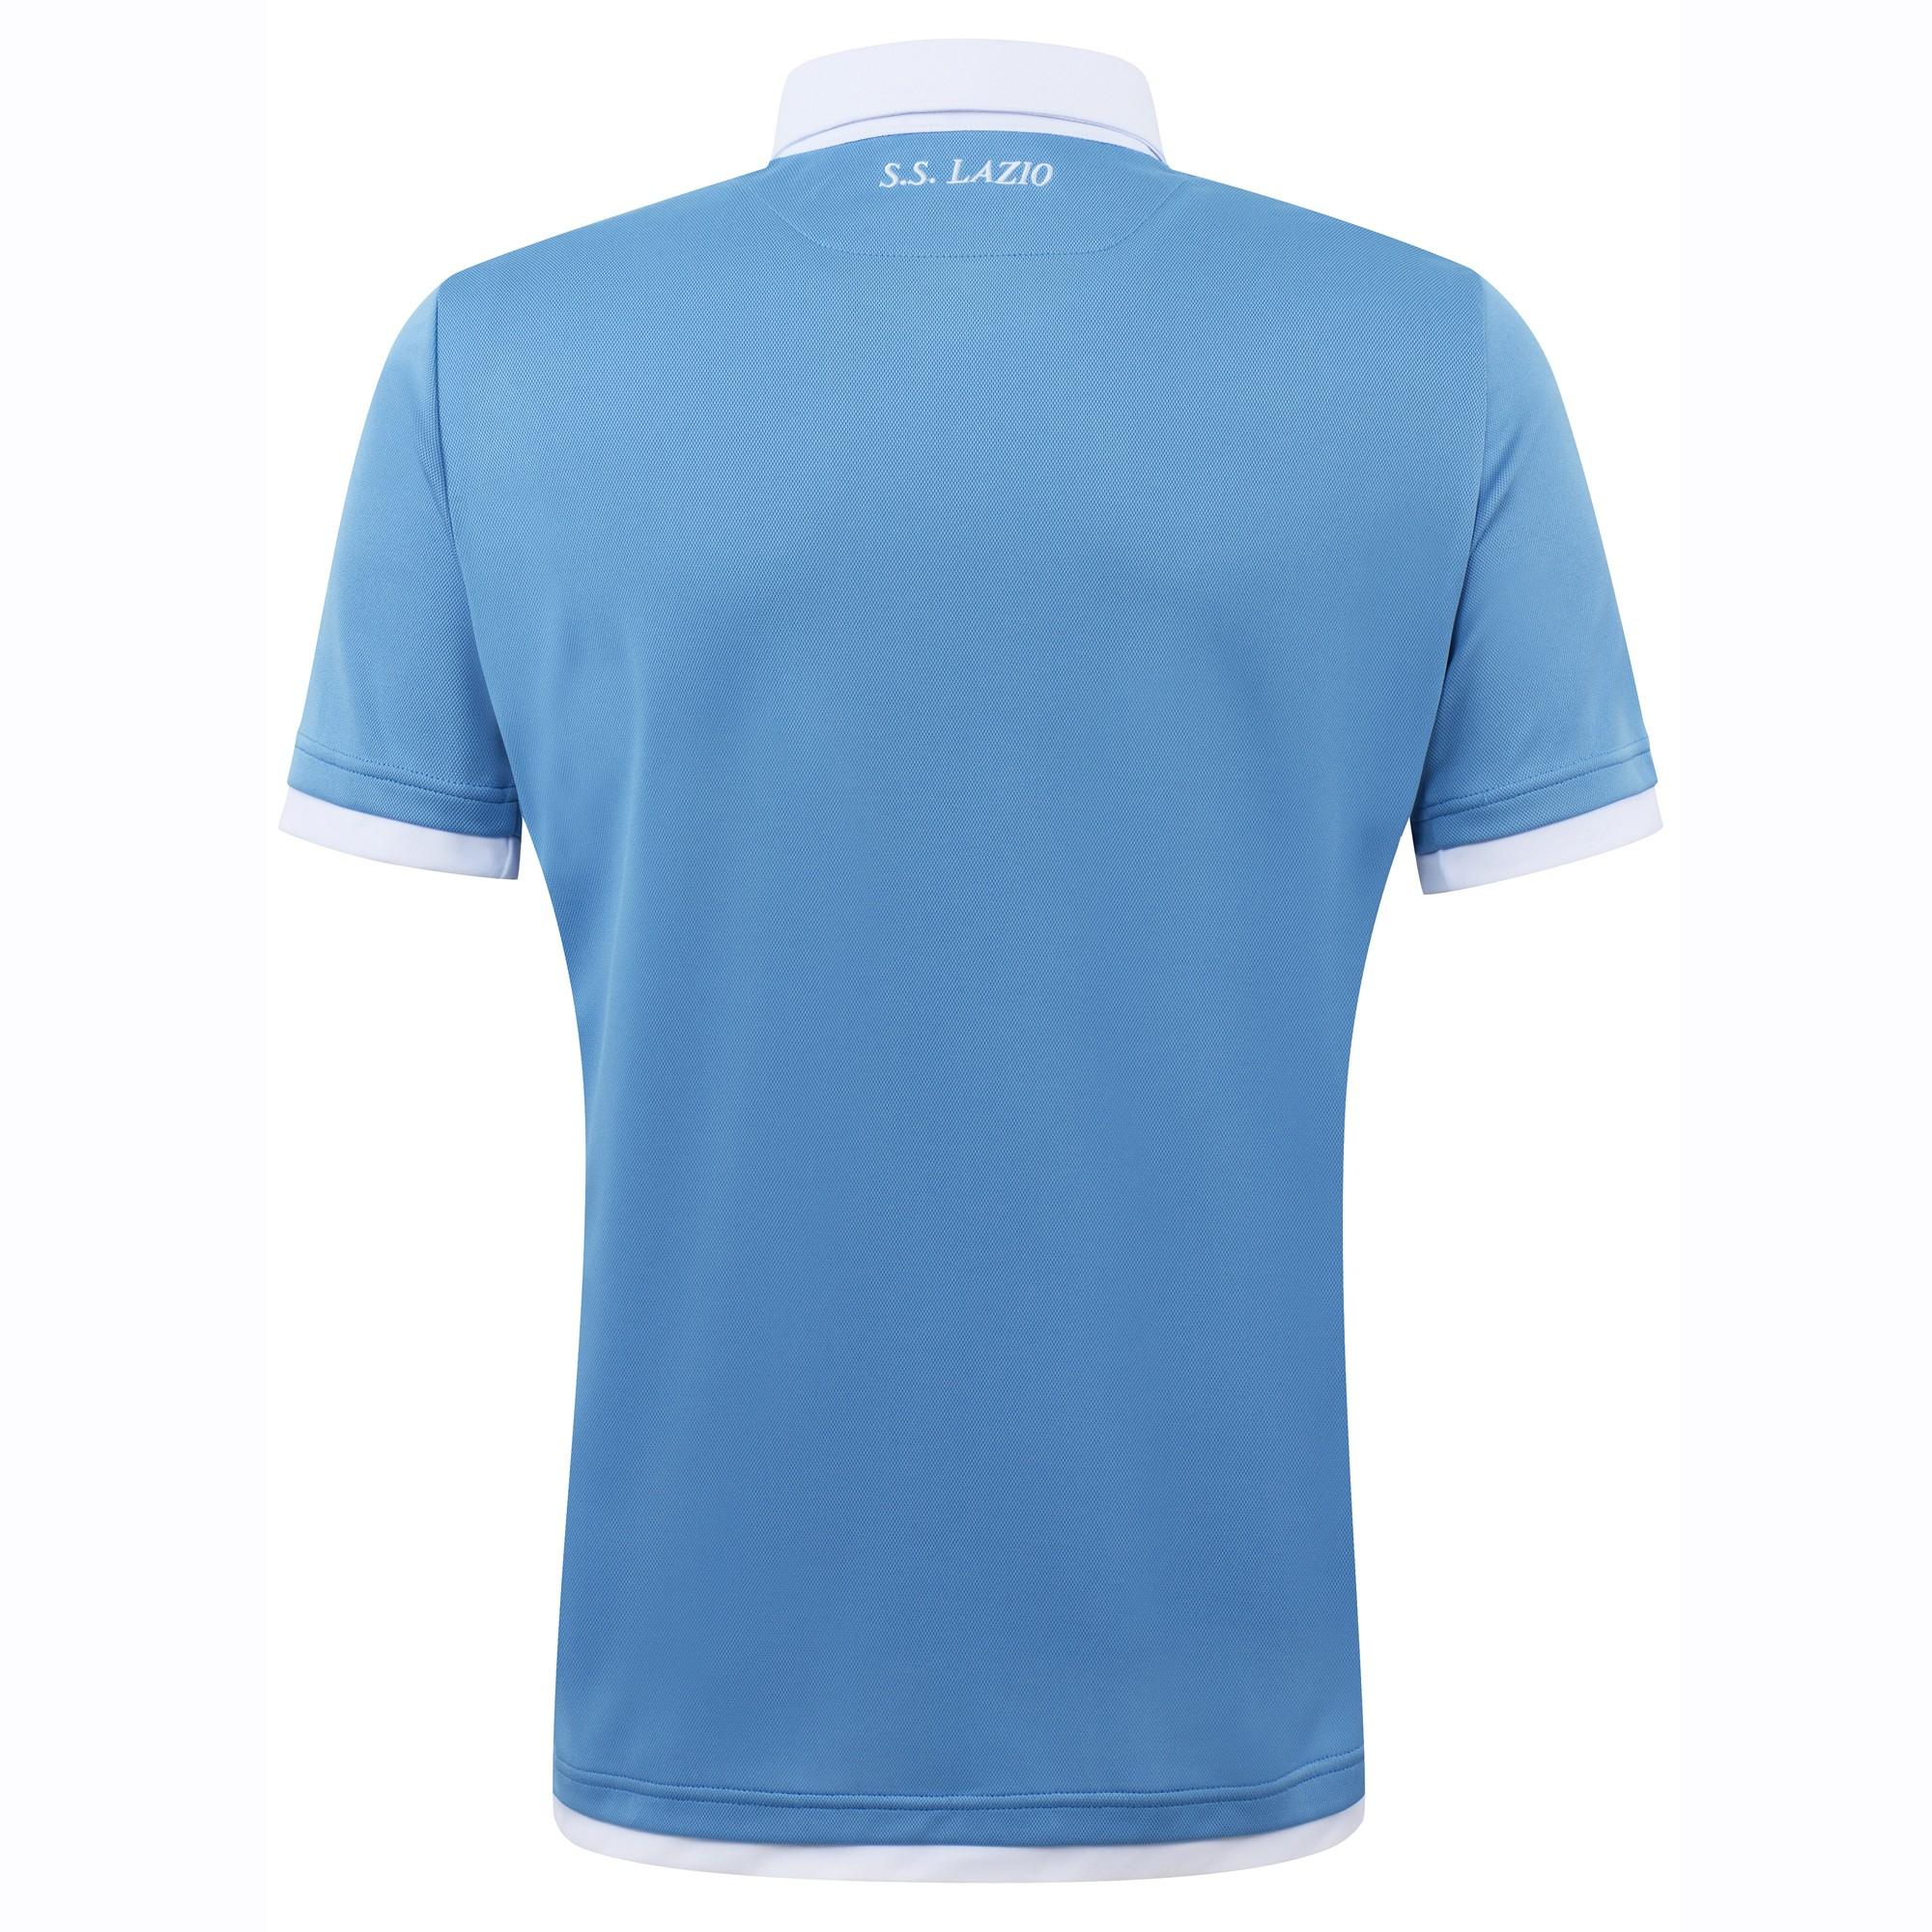 58a4e702a 2016-2017 Lazio Authentic Home Match Shirt [58089334] - Uksoccershop